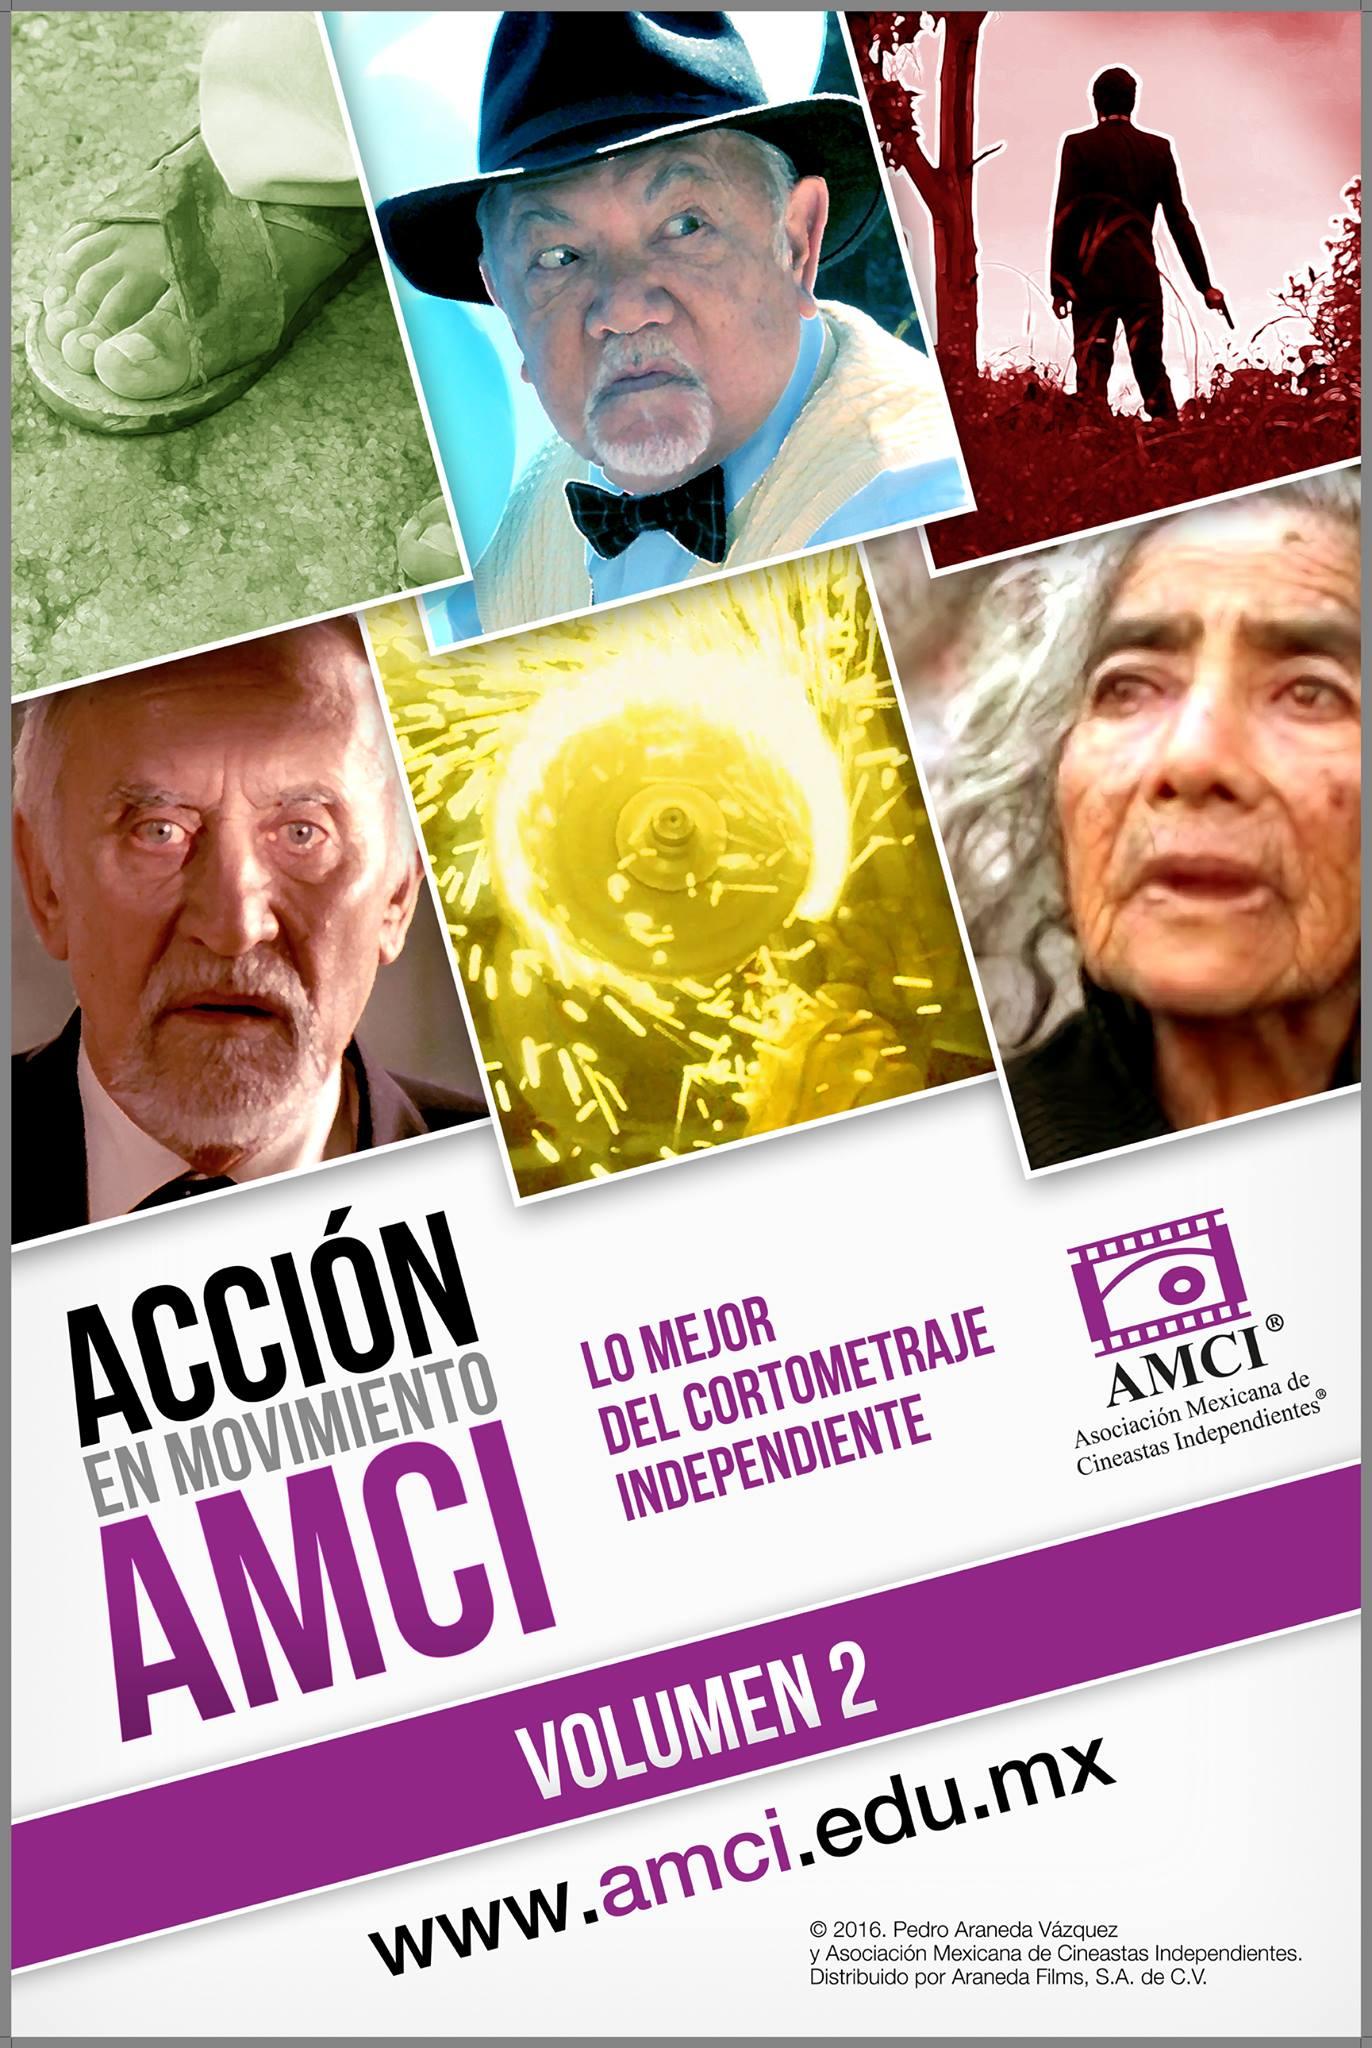 Llegará también a la Cineteca Nacional y Cineteca Zacatecas